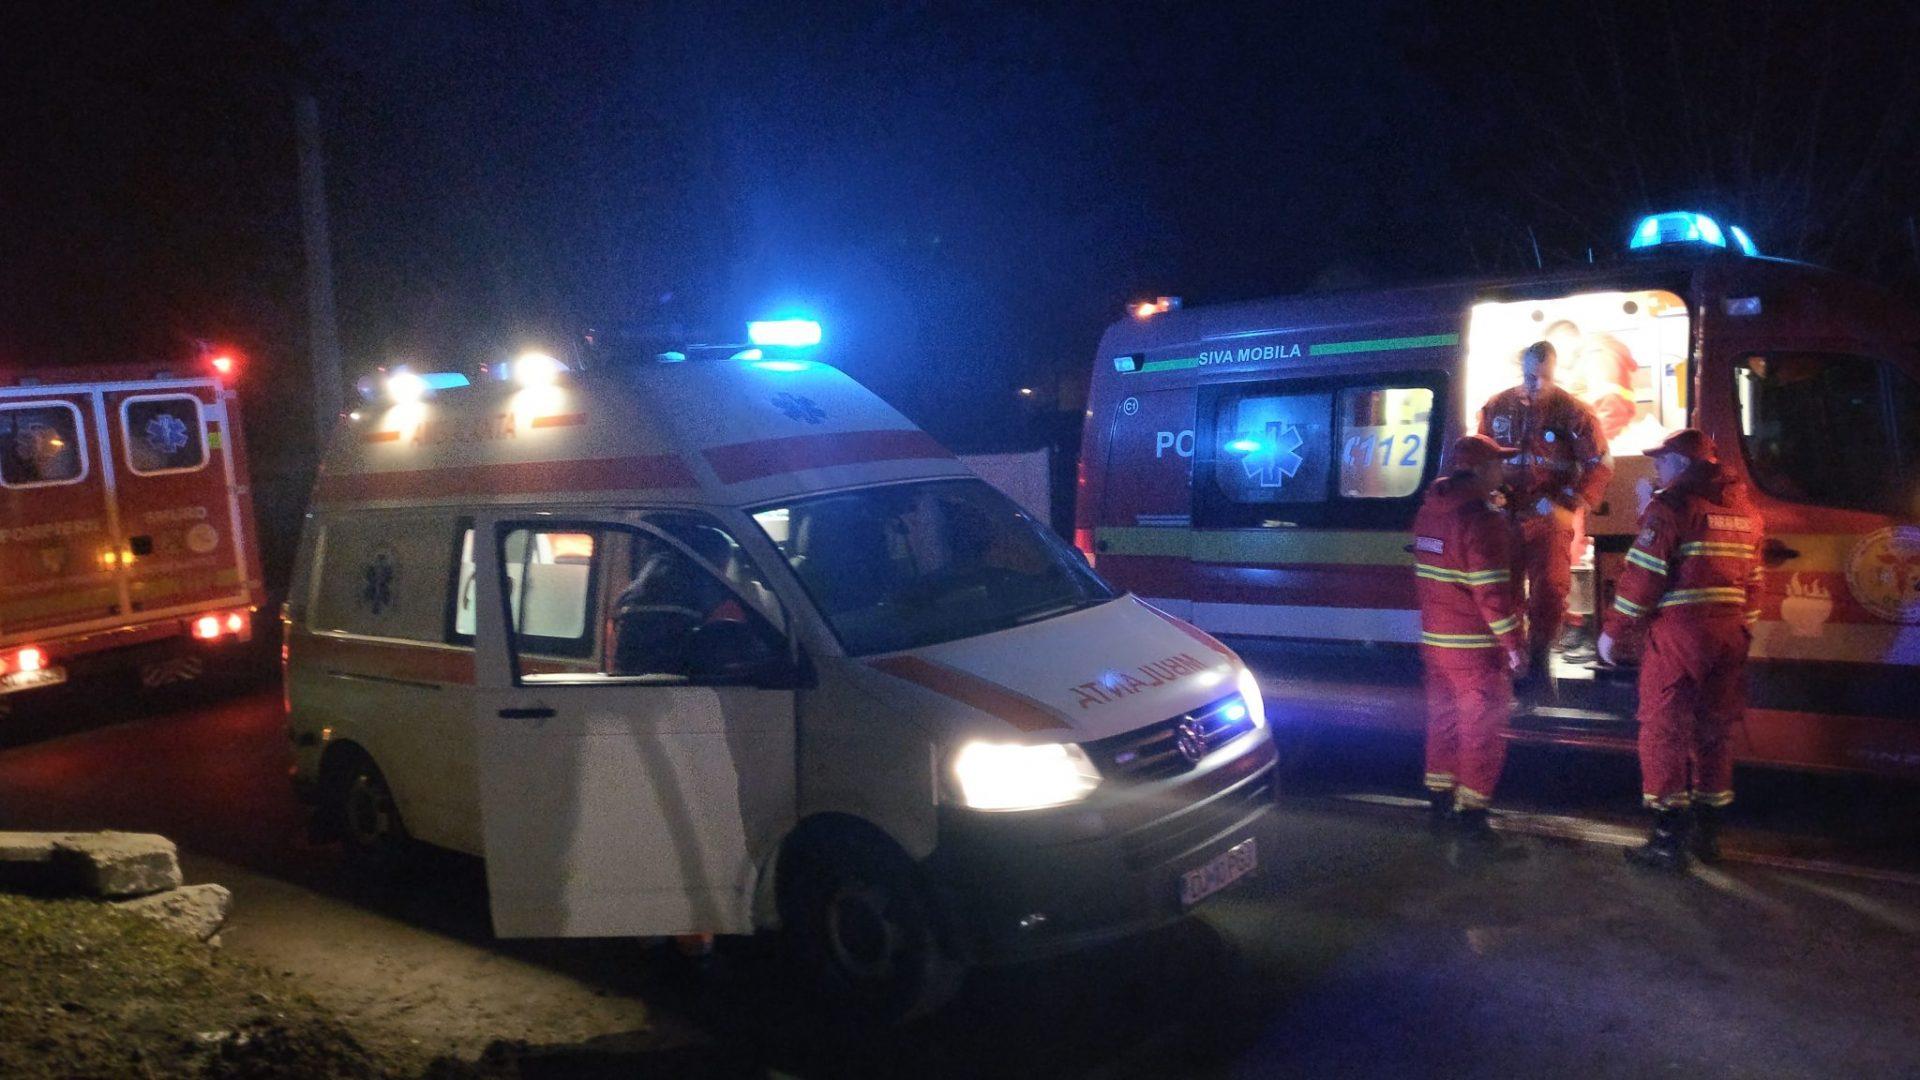 ISU Dolj:Trei incendii și un accident rutier grav, în ultimele 2 zile